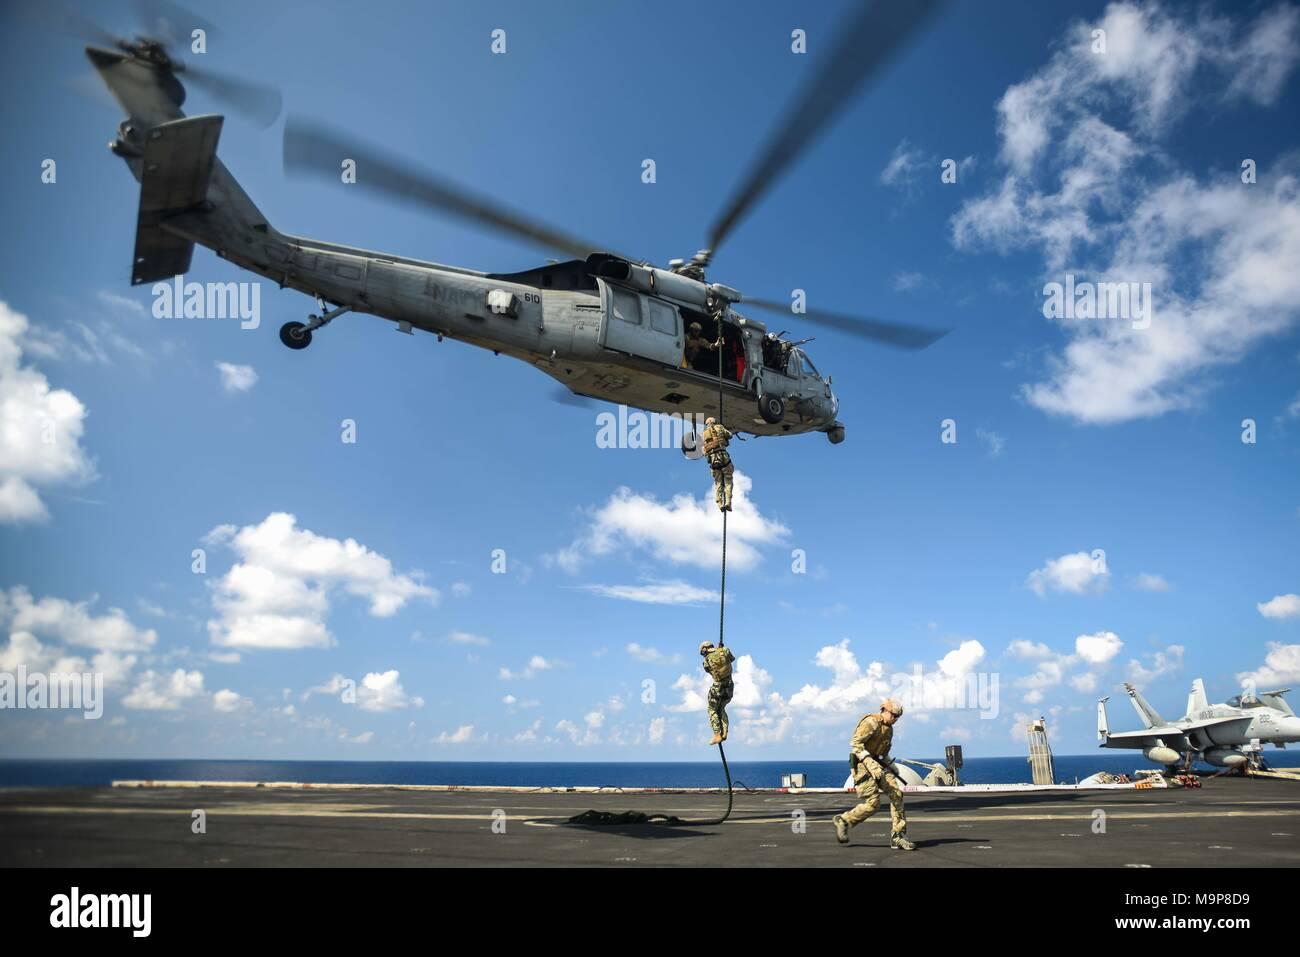 180327-N-VN584-2964 OCÉANO ÍNDICO (27 de marzo de 2018) Los marineros, asignado a la eliminación de Artefactos Explosivos unidad móvil (EODMU) 1, fast rope desde un MH-60S Sea Hawk, asignado a los indios del escuadrón de helicópteros de combate de mar (HSC) 6, en la cubierta de vuelo del portaaviones USS Theodore Roosevelt (CVN 71). Theodore Roosevelt está actualmente en curso de un despliegue programado regularmente en los EE.UU. 7ª zona de operaciones de la flota en apoyo de operaciones de seguridad marítima y los esfuerzos de cooperación de seguridad de teatro. (Ee.Uu. Navy photo by Mass Communication Specialist 3ª clase Alex Corona/liberado) Imagen De Stock